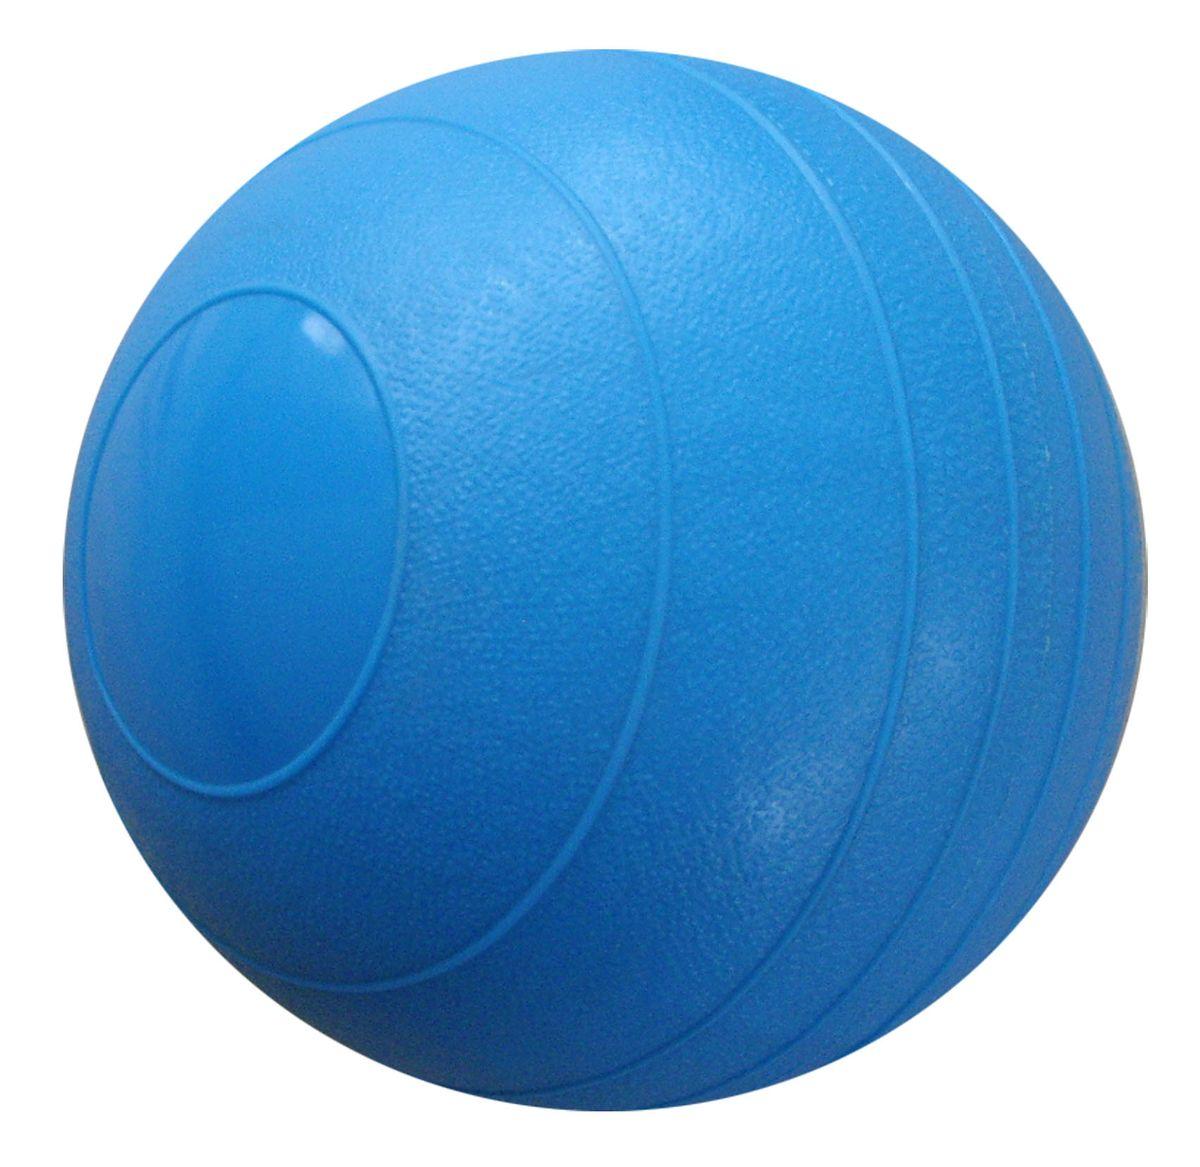 Фитнес бол Start Up FB3, 3 кг, 16 см326864Фитнес бол Start Up FB3 предназначен для укрепления мышц плечевого пояса, спины, рук и ног. Сверху выполнен из приятного на ощупь силикона. Наполнен металлической стружкой. Рельефная поверхность обеспечивает улучшенное сцепление. Размер фитнес бола можно изменить за счет подкачивания.